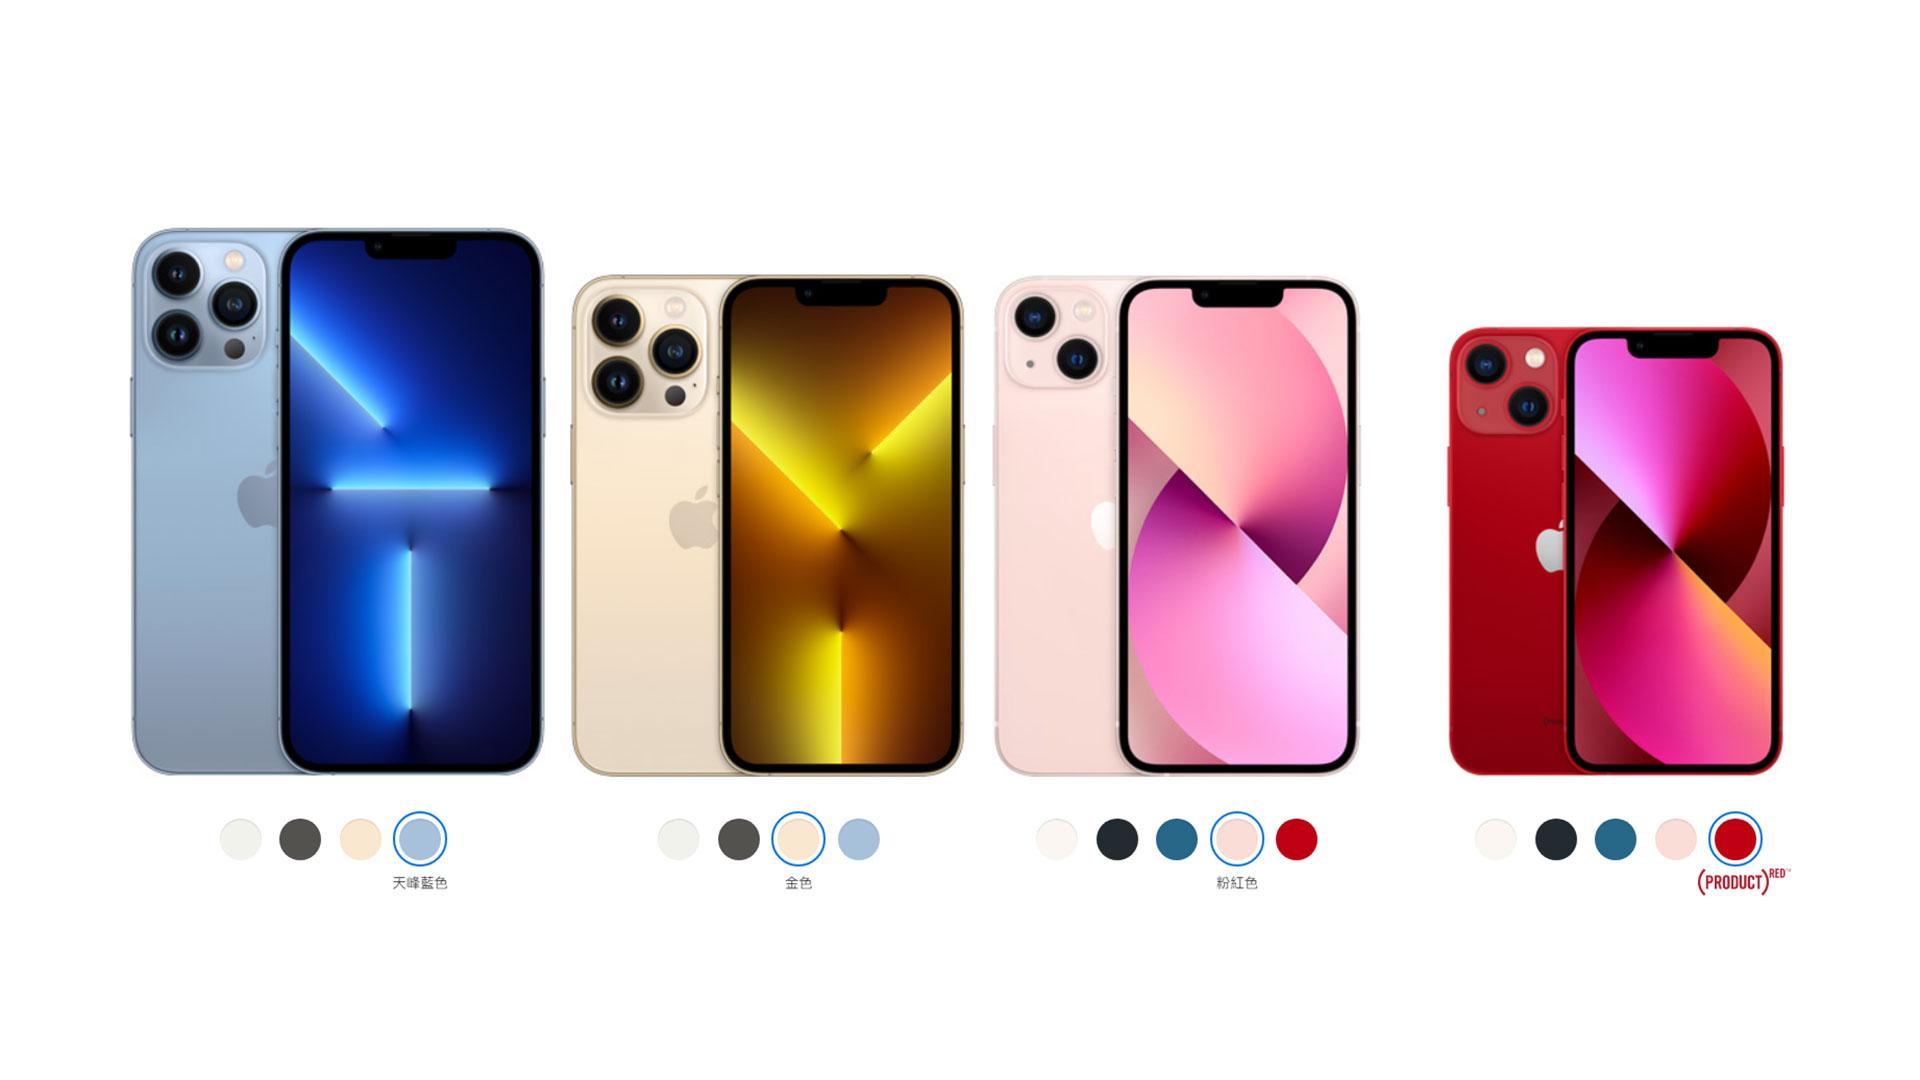 該怎麼選?蘋果iPhone 13 / iPhone 13 Pro系列差異比較&選購建議